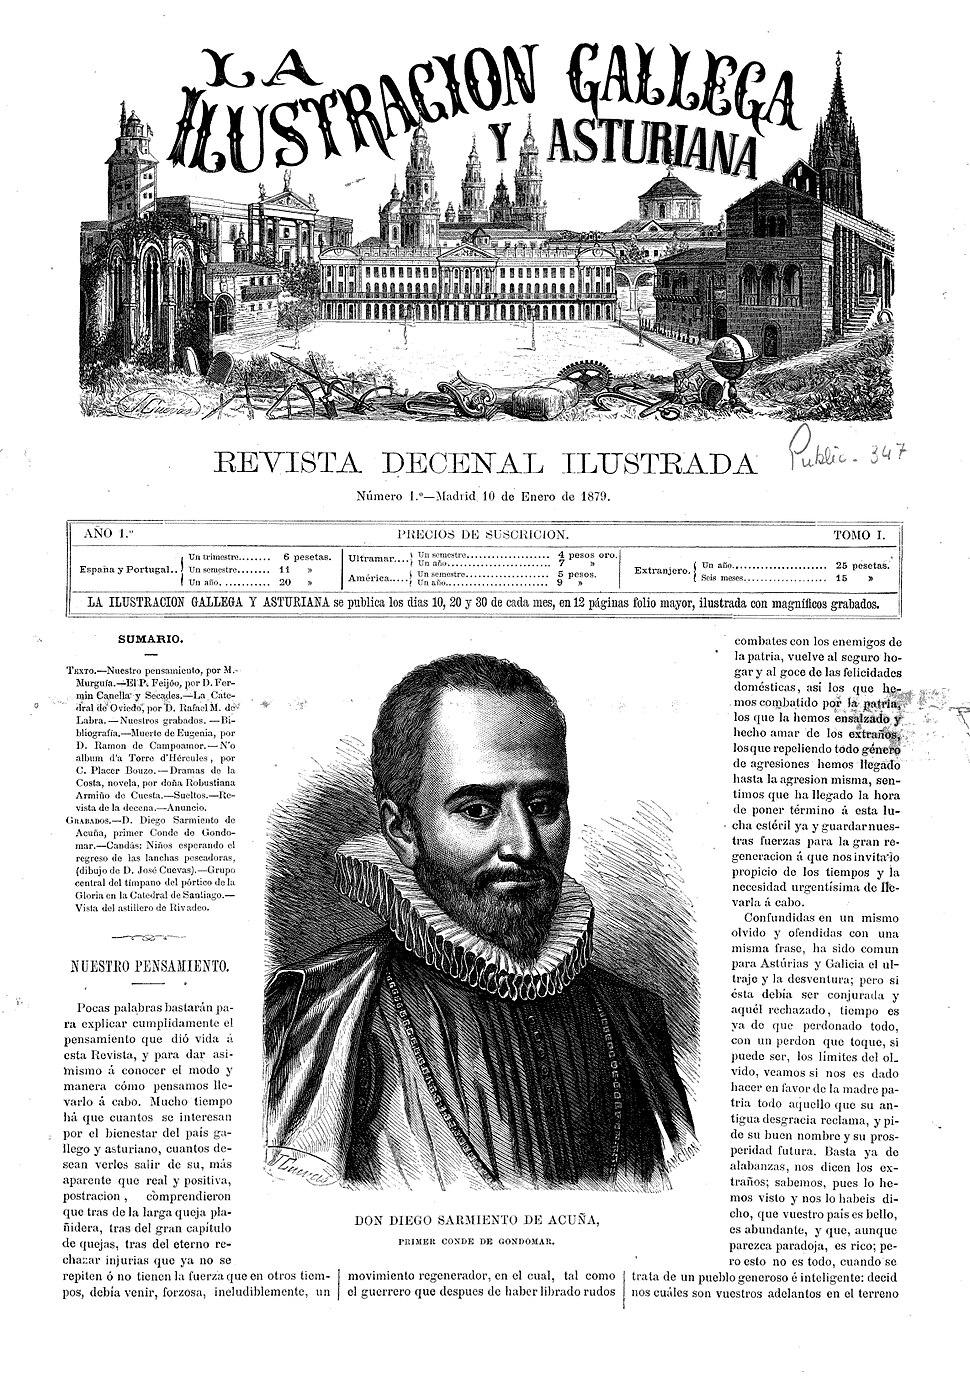 Portada do número 1 de La Ilustración Gallega y Asturiana